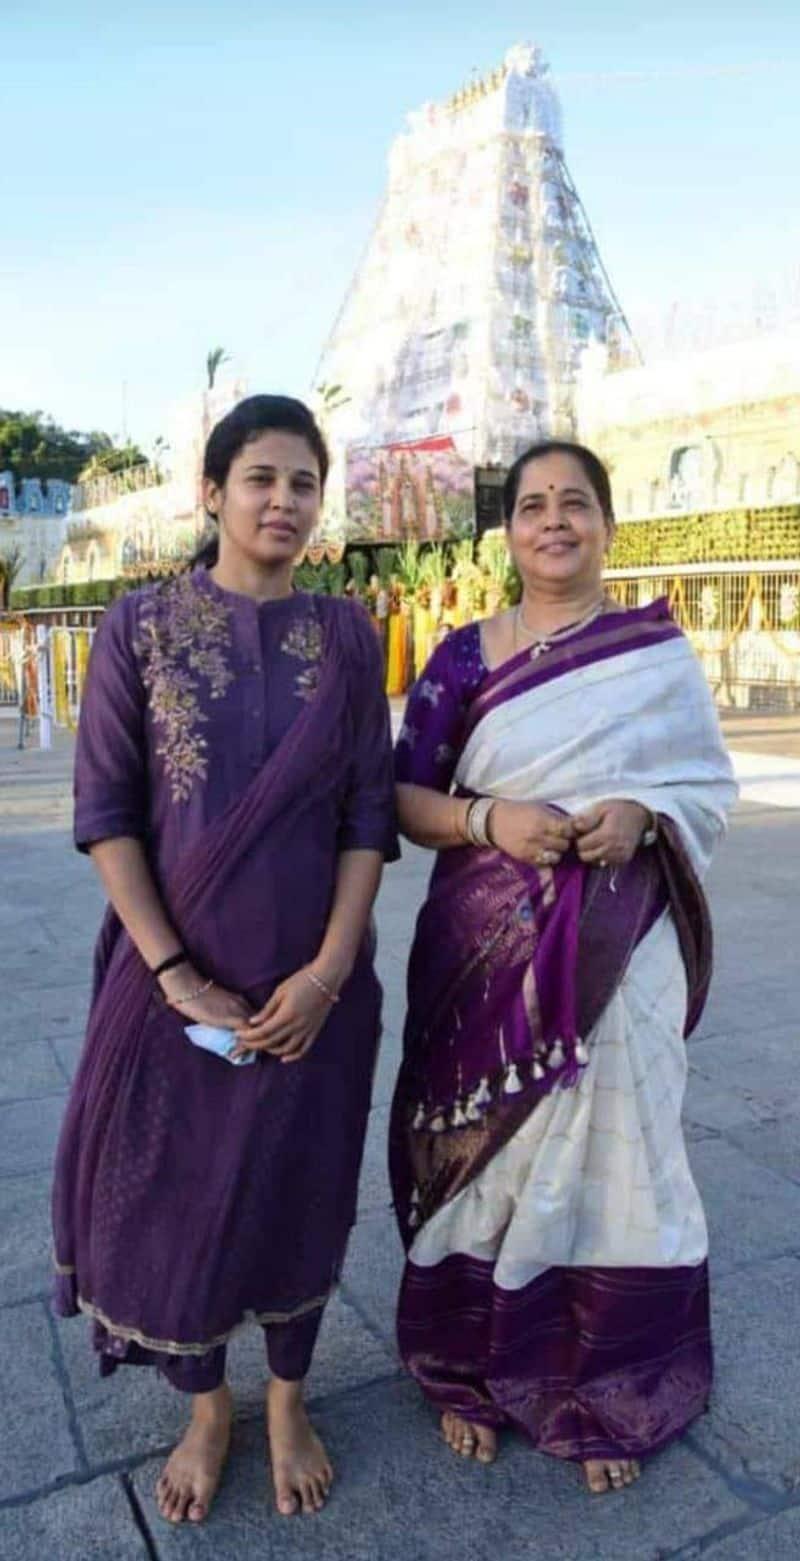 ತಮ್ಮ ತಾಯಿಯೊಂದಿಗೆ ಮೈಸೂರು ಜಿಲ್ಲಾಧಿಕಾರಿ ರೋಹಿಣಿ ಸಿಂಧೂರಿ